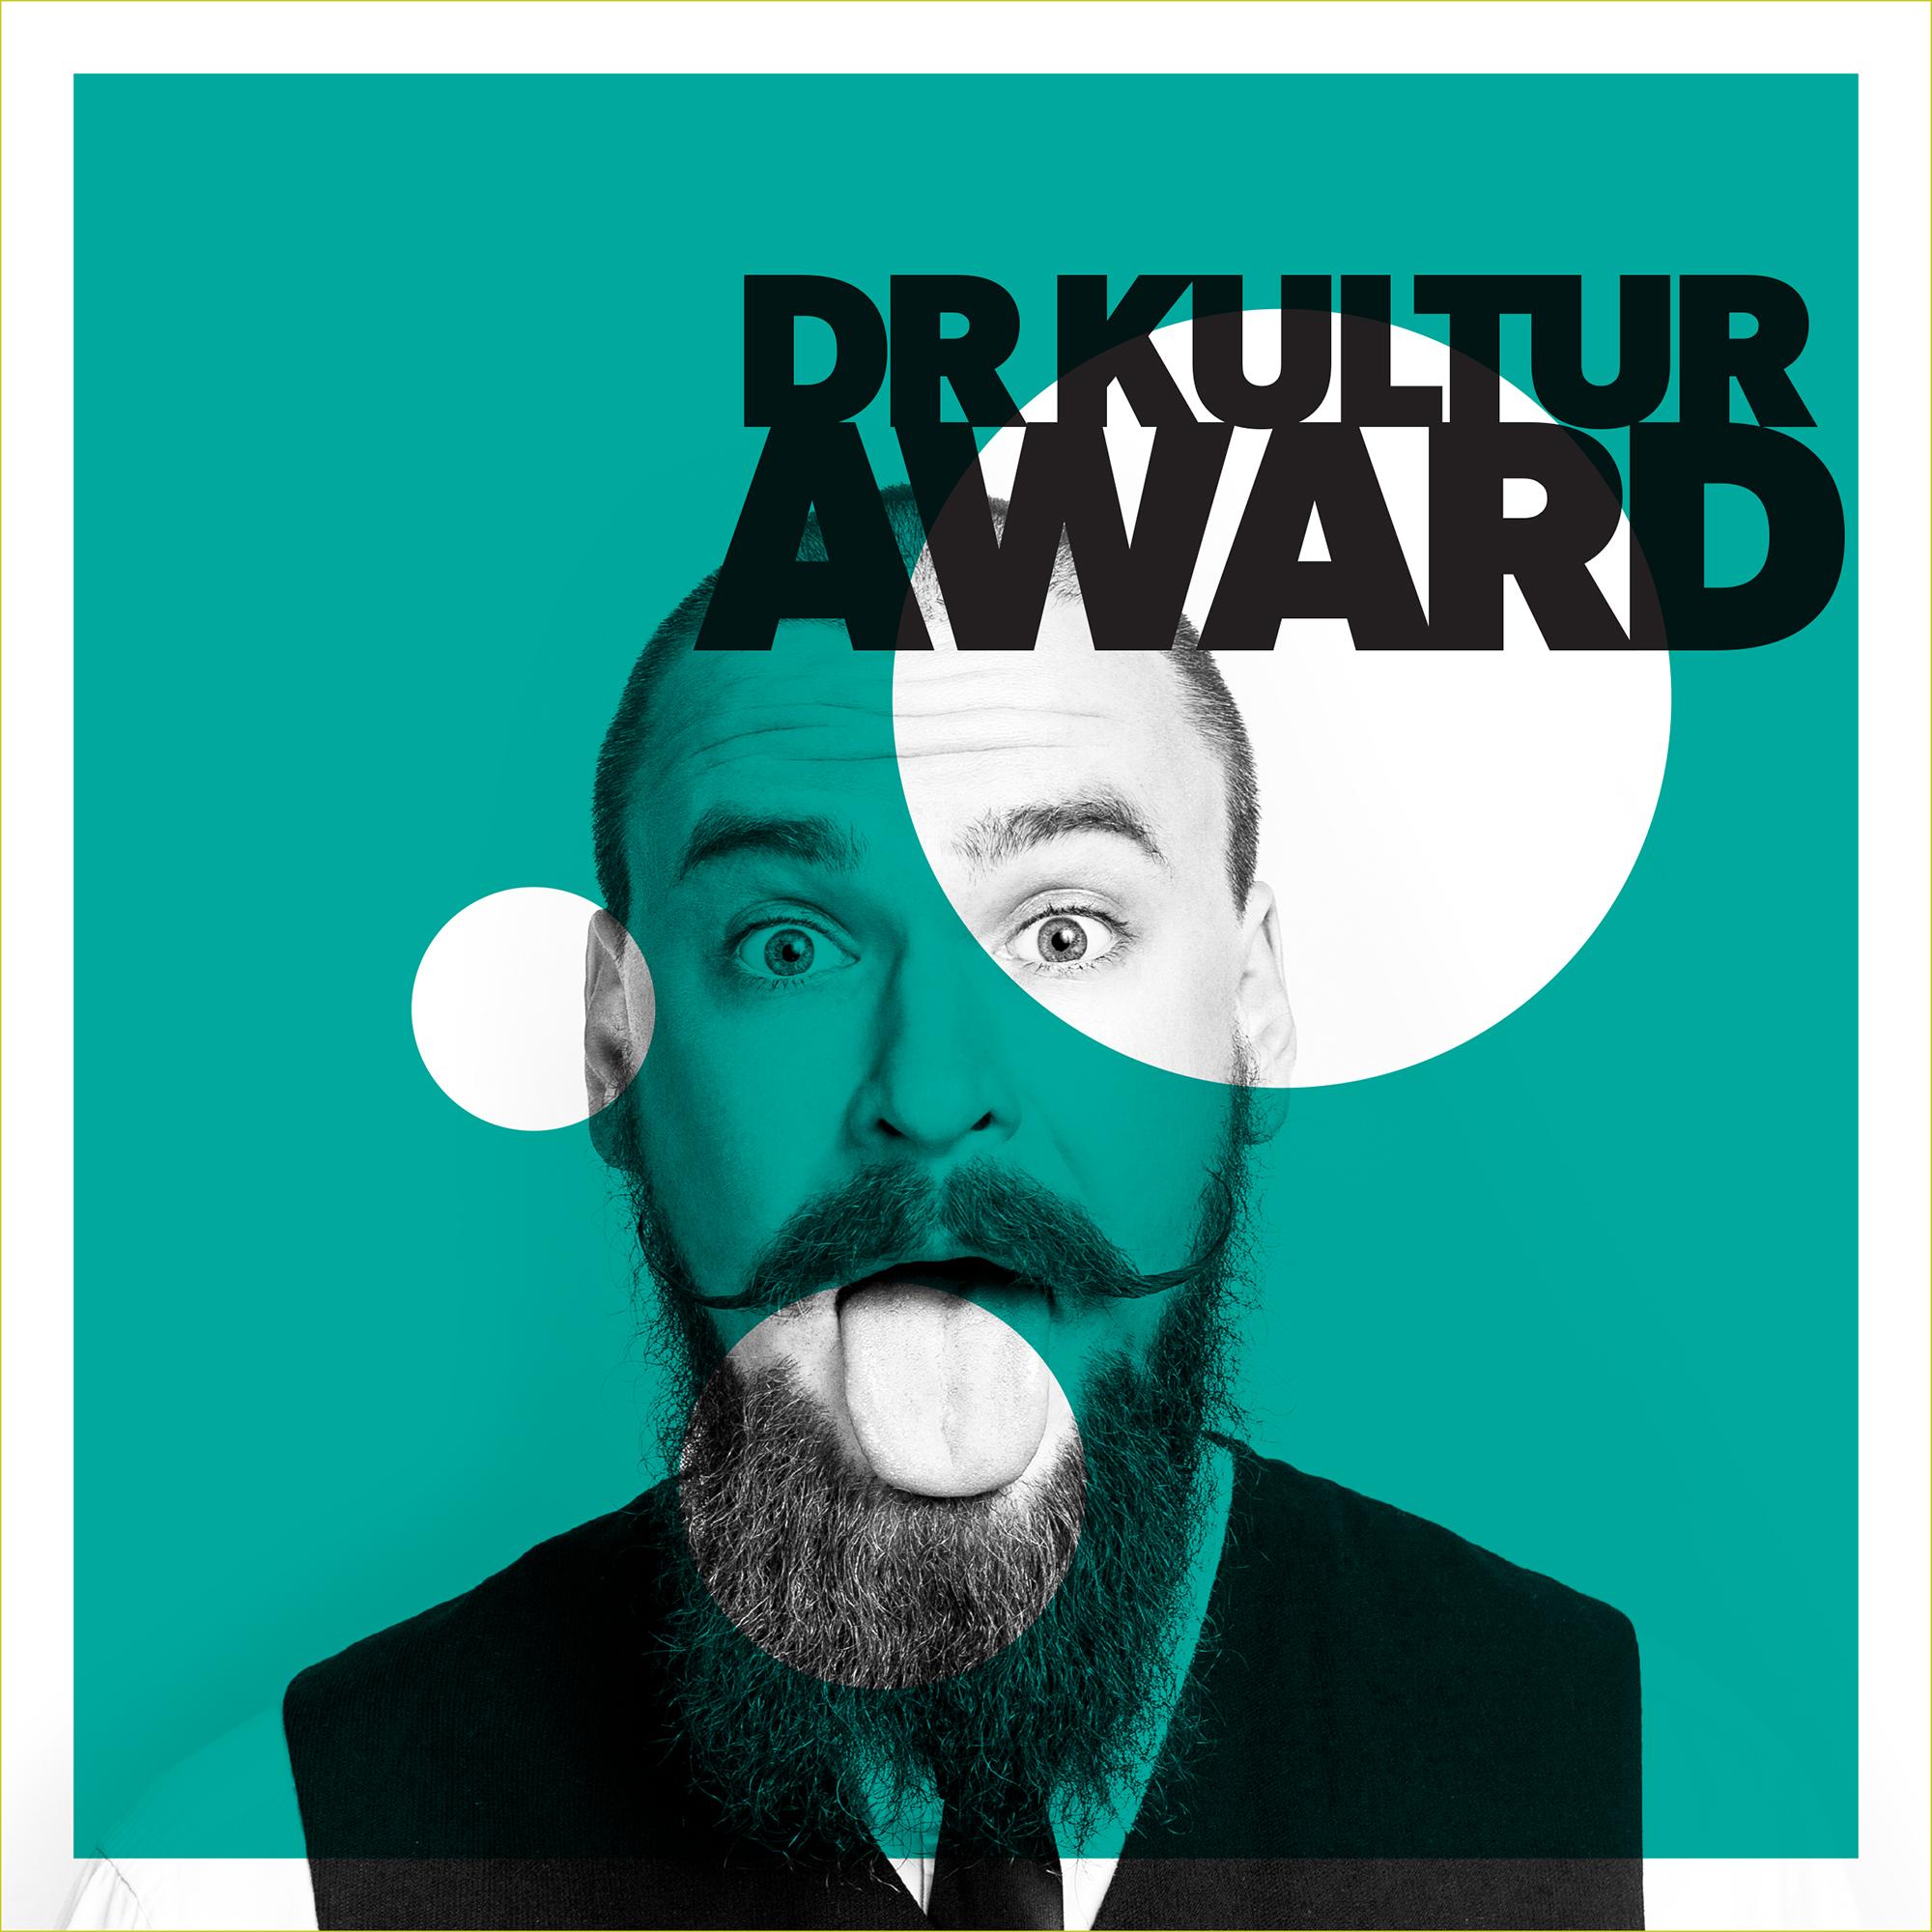 DR_Kultur_award_flyer_RT1-3.jpg